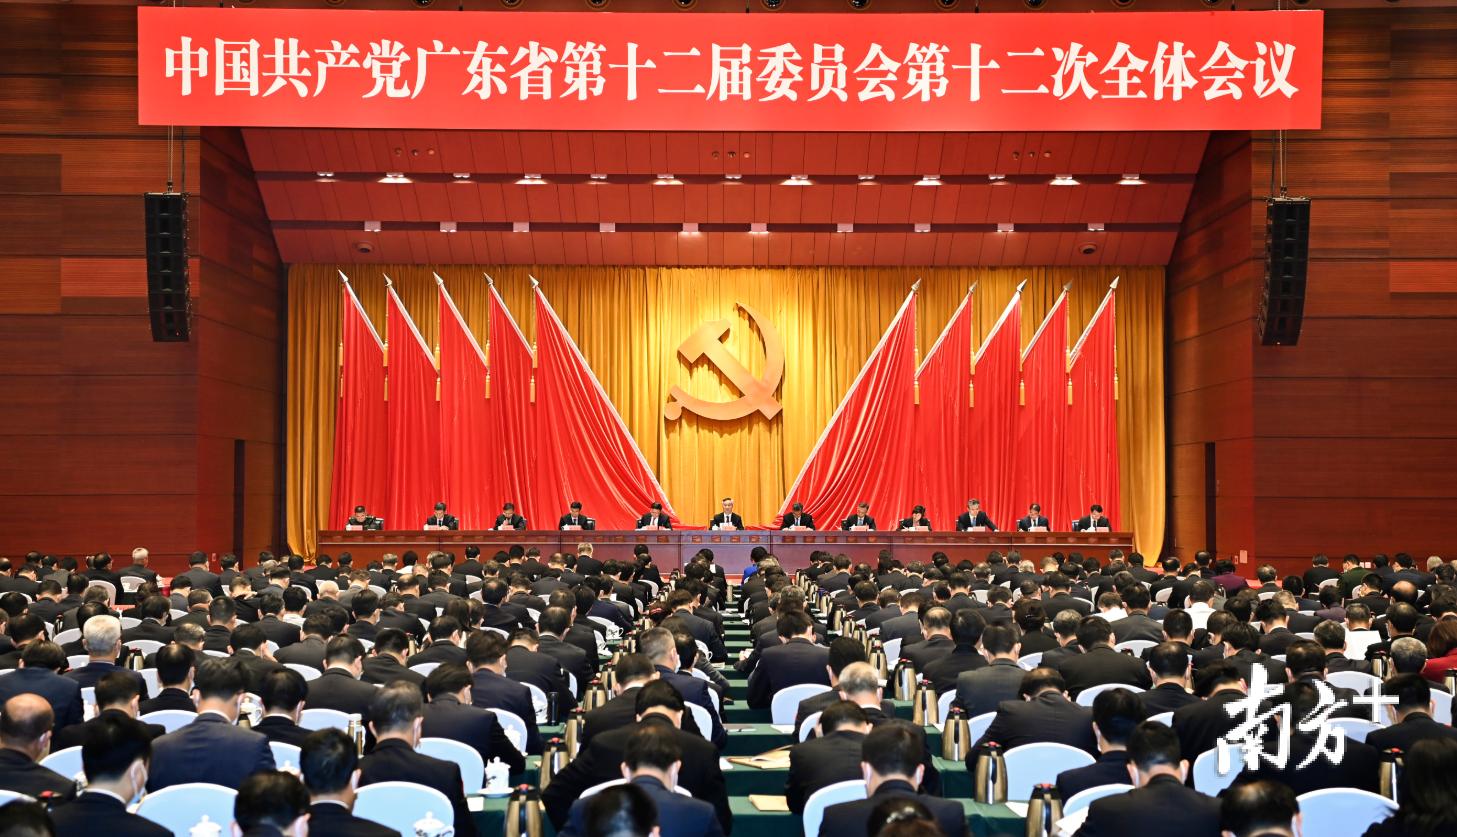 12月13日,中国共产党广东省第十二届委员会第十二次全体会议在广州召开。南方日报记者 王辉 摄